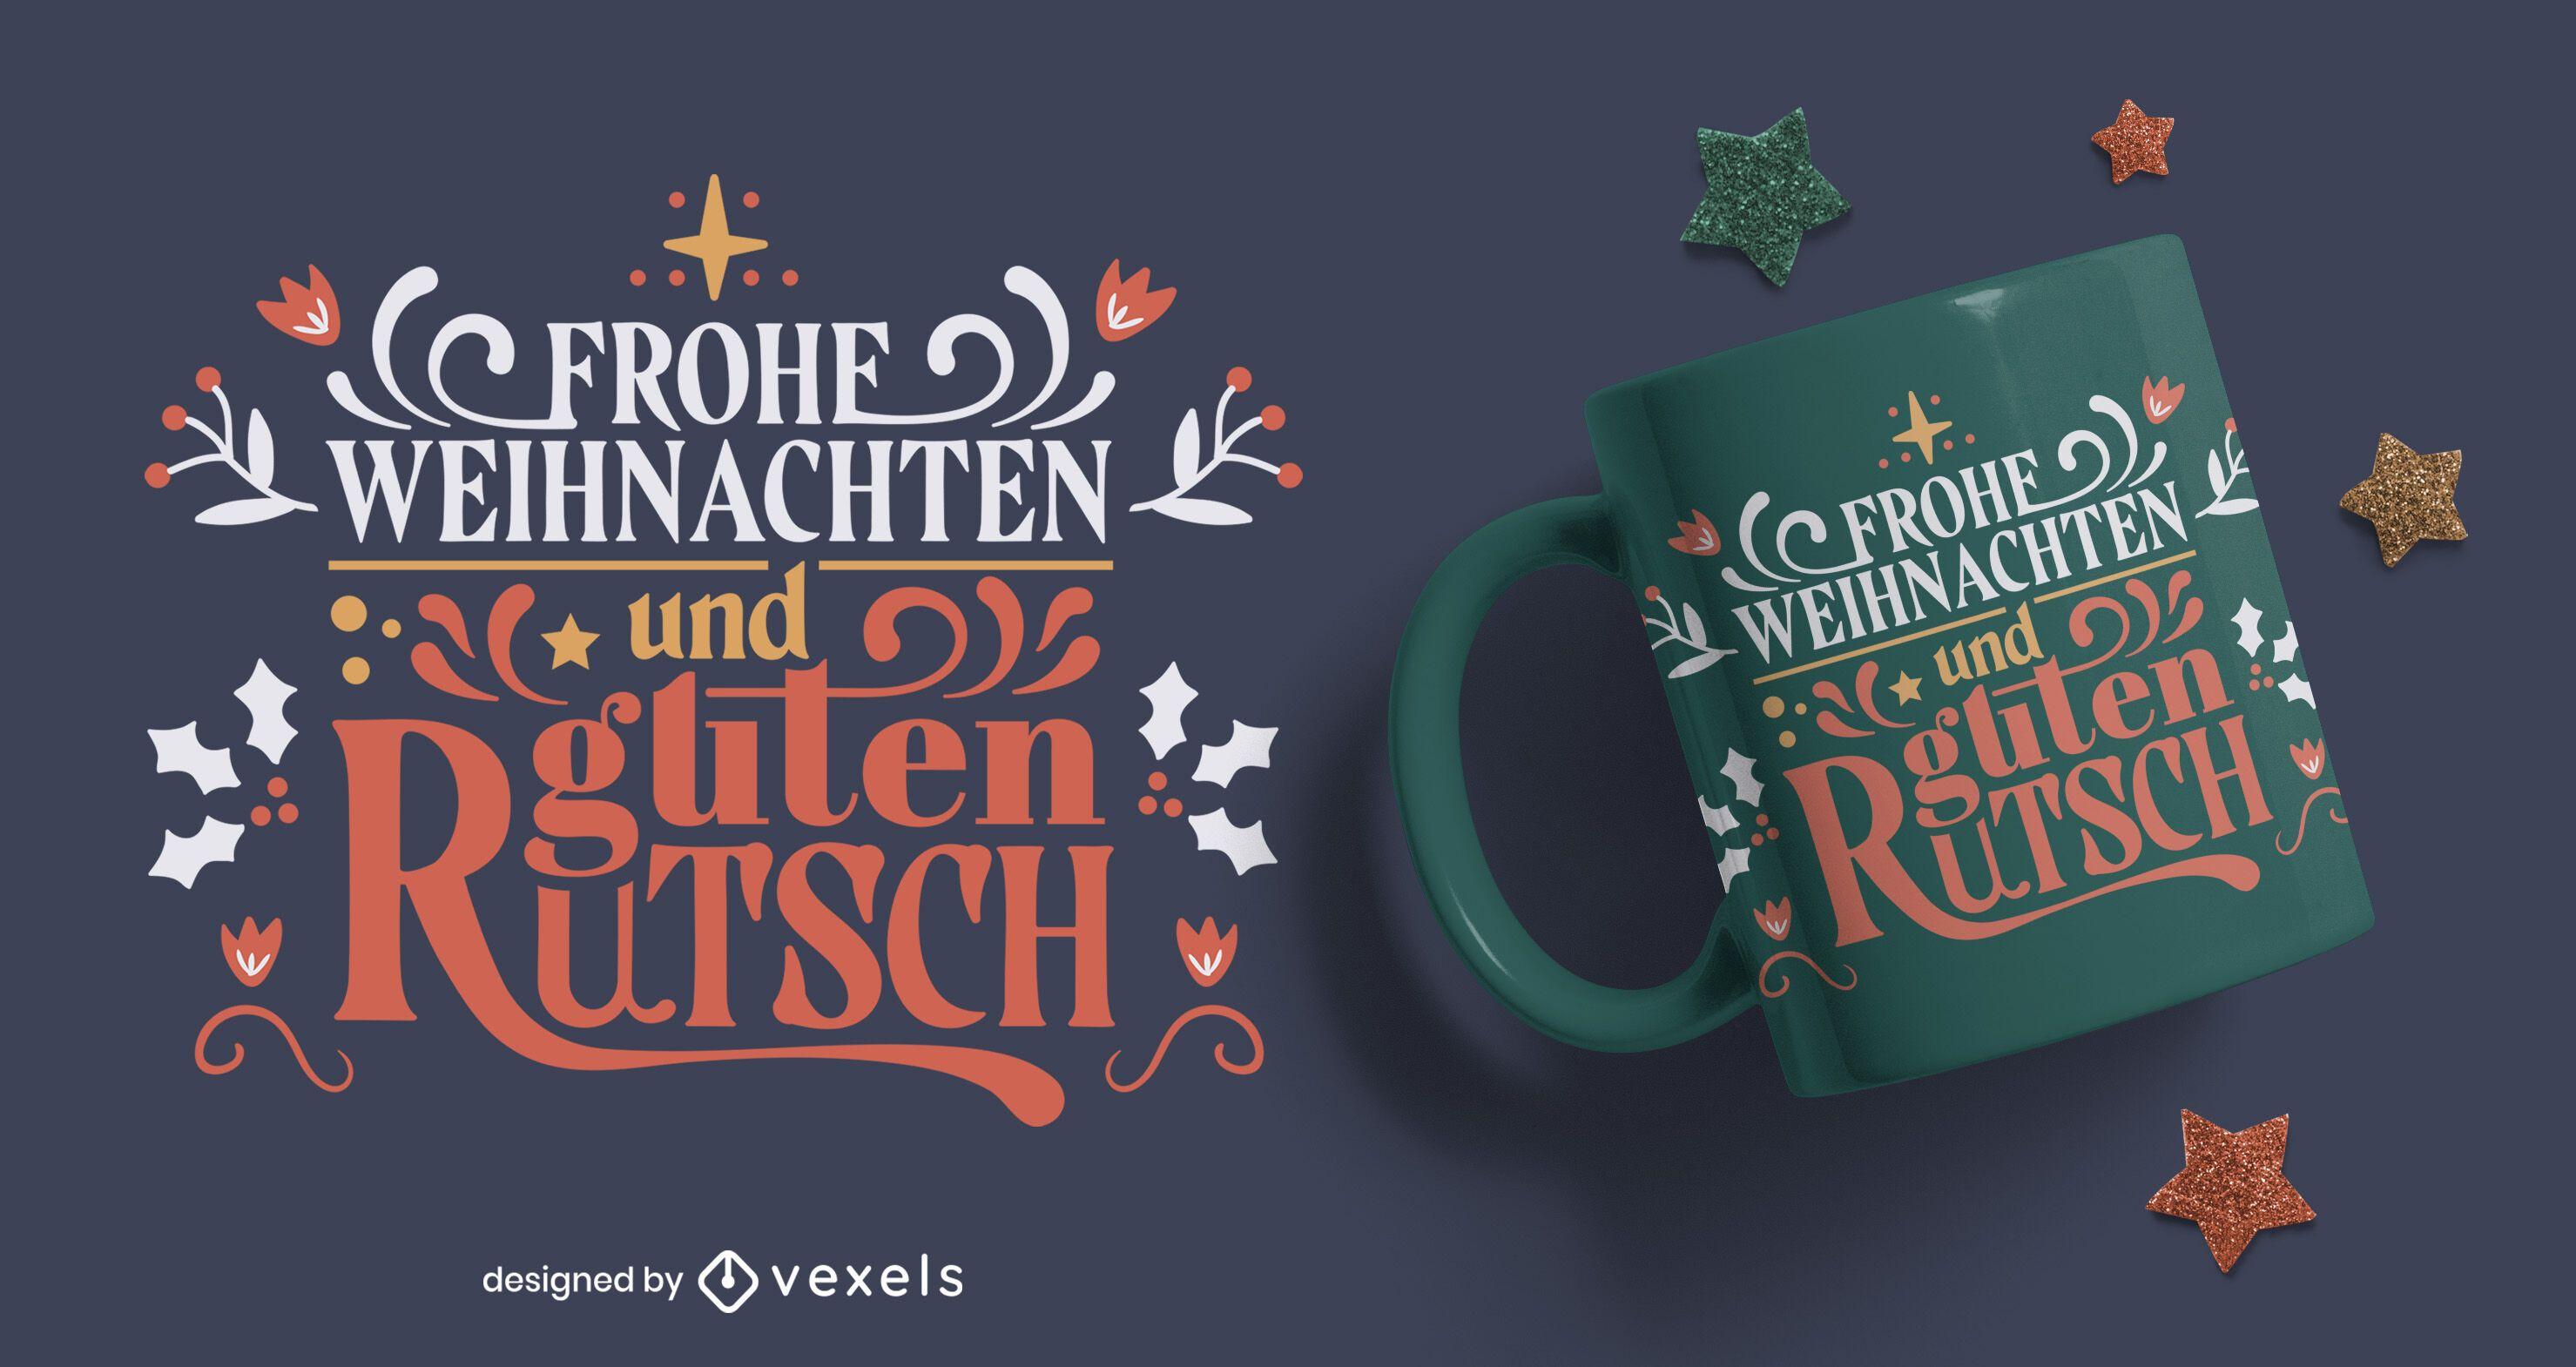 Deutsches Weihnachts- und Neujahrs-Tassendesign